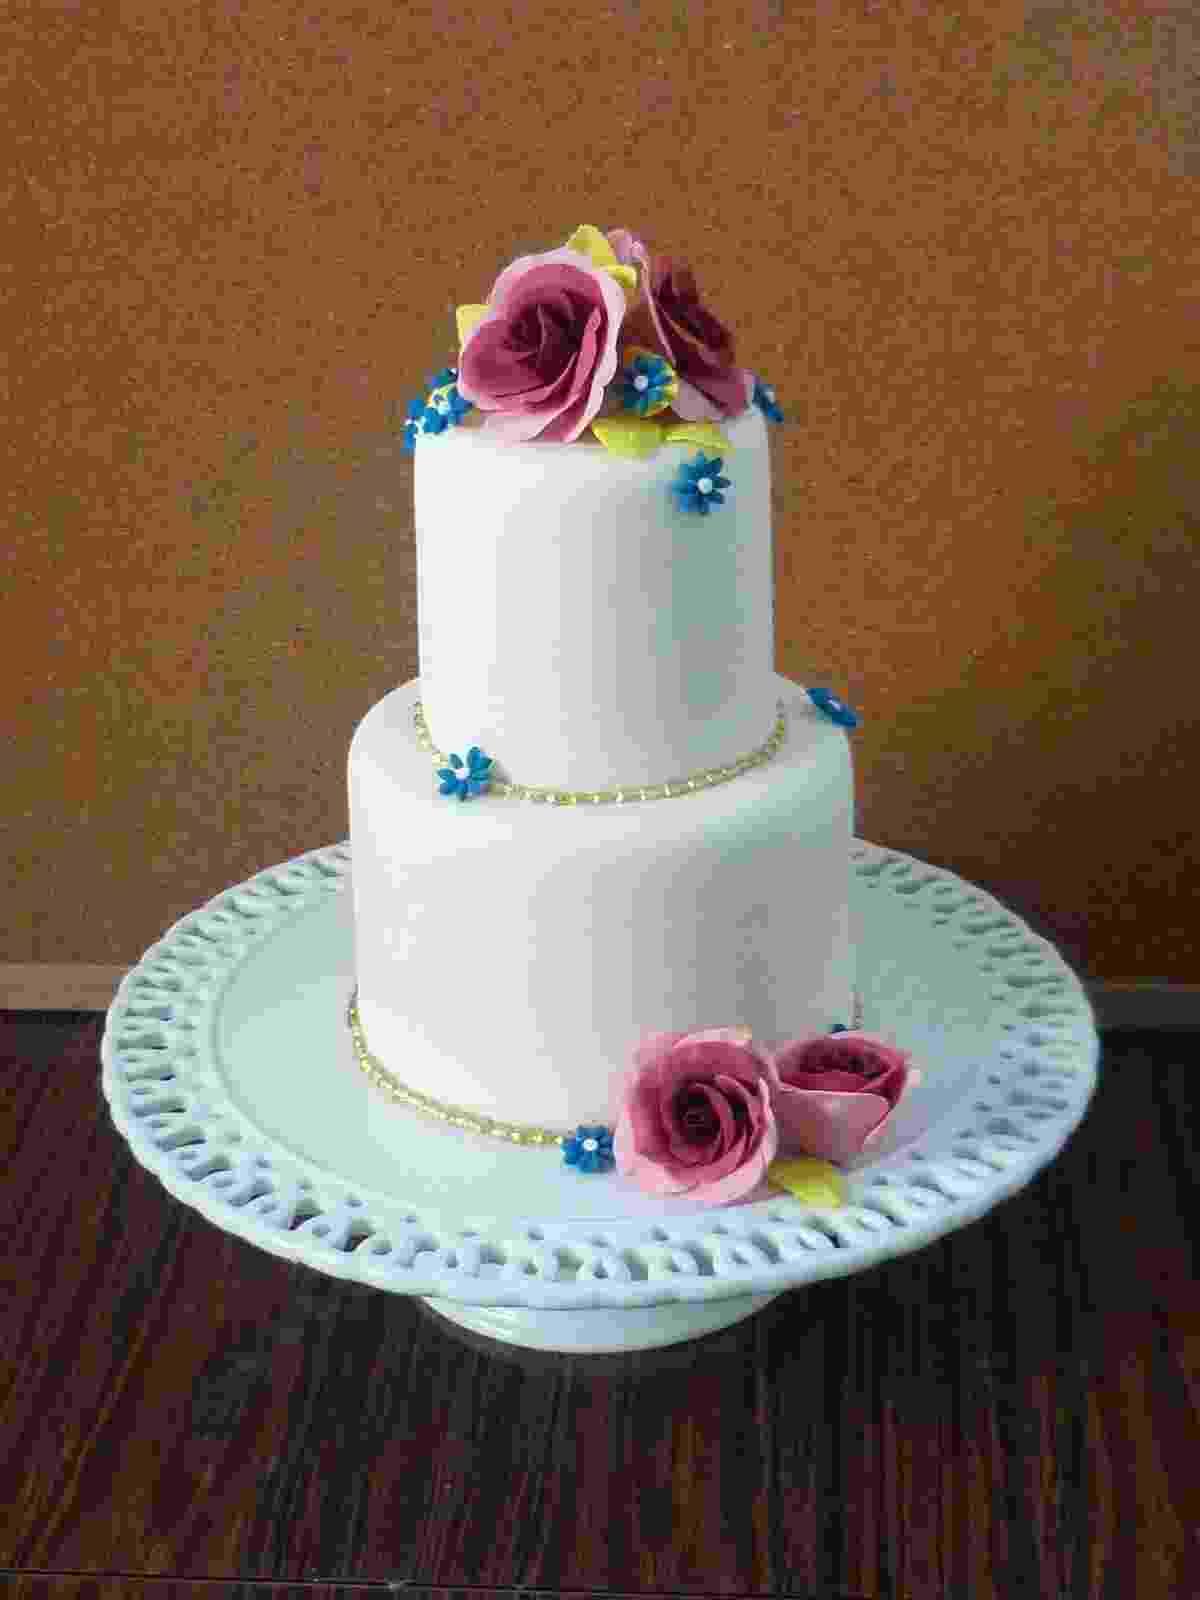 Bolo de dois andares com flores de açúcar coloridas - Divulgação